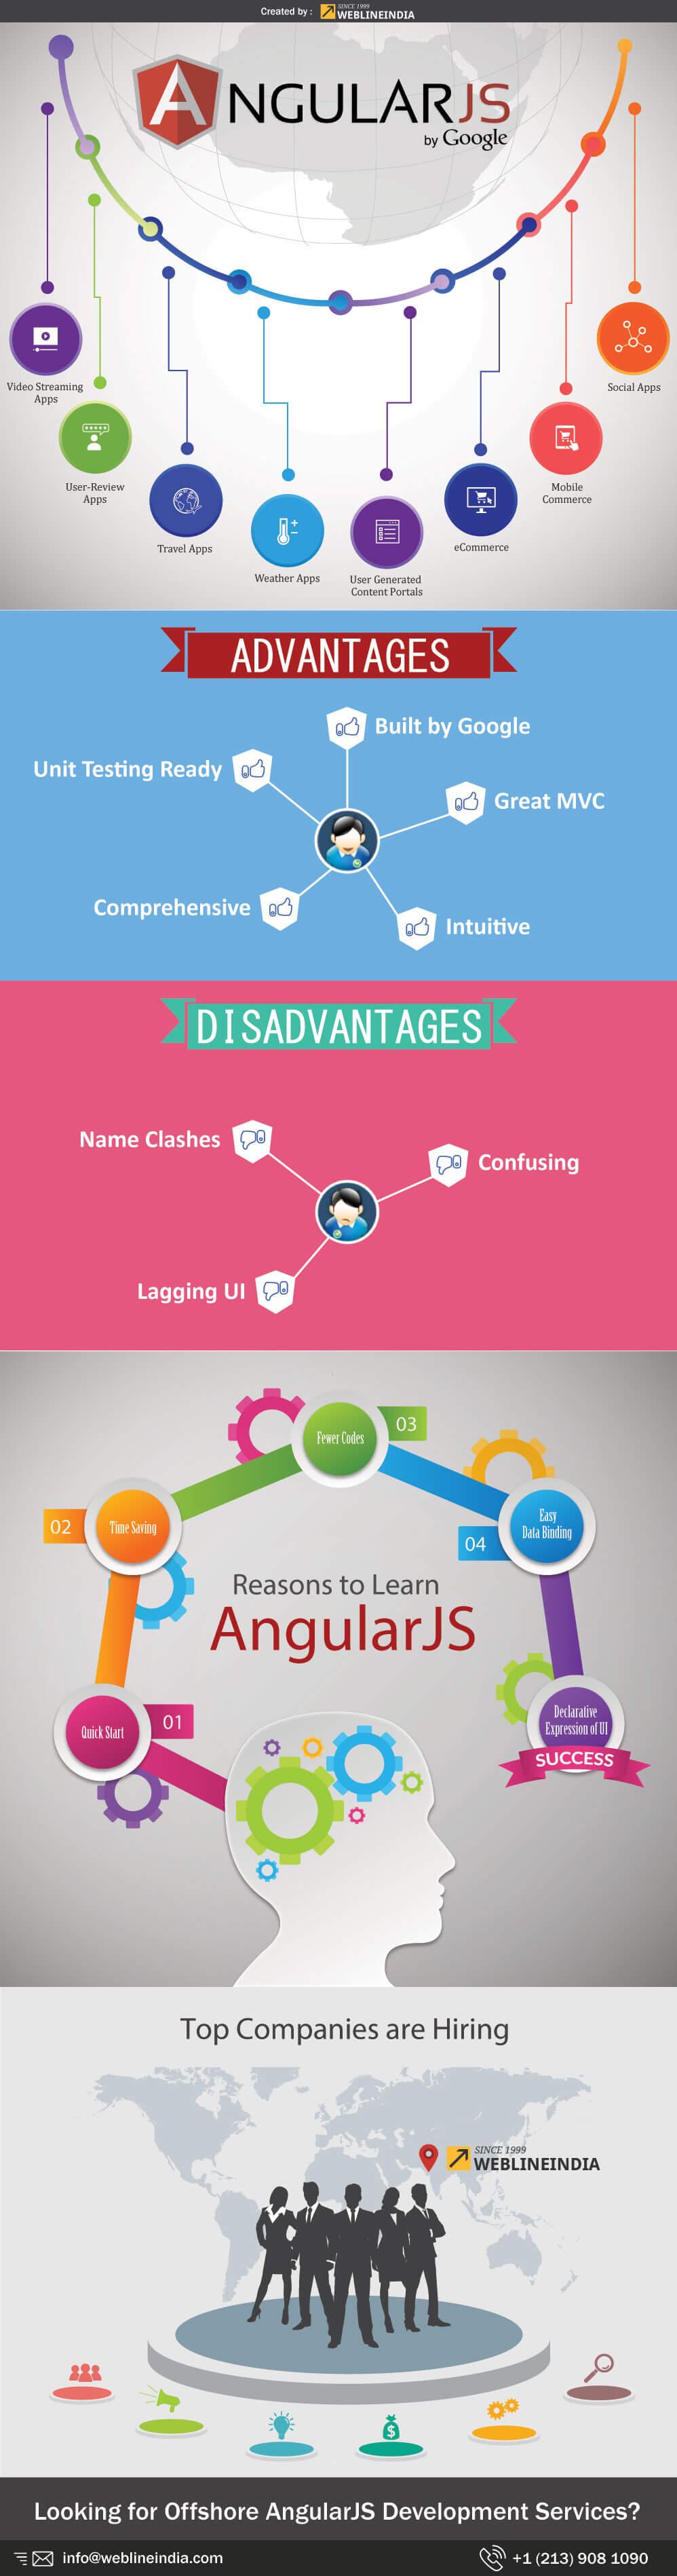 angularjs-infographic-by-weblineindia